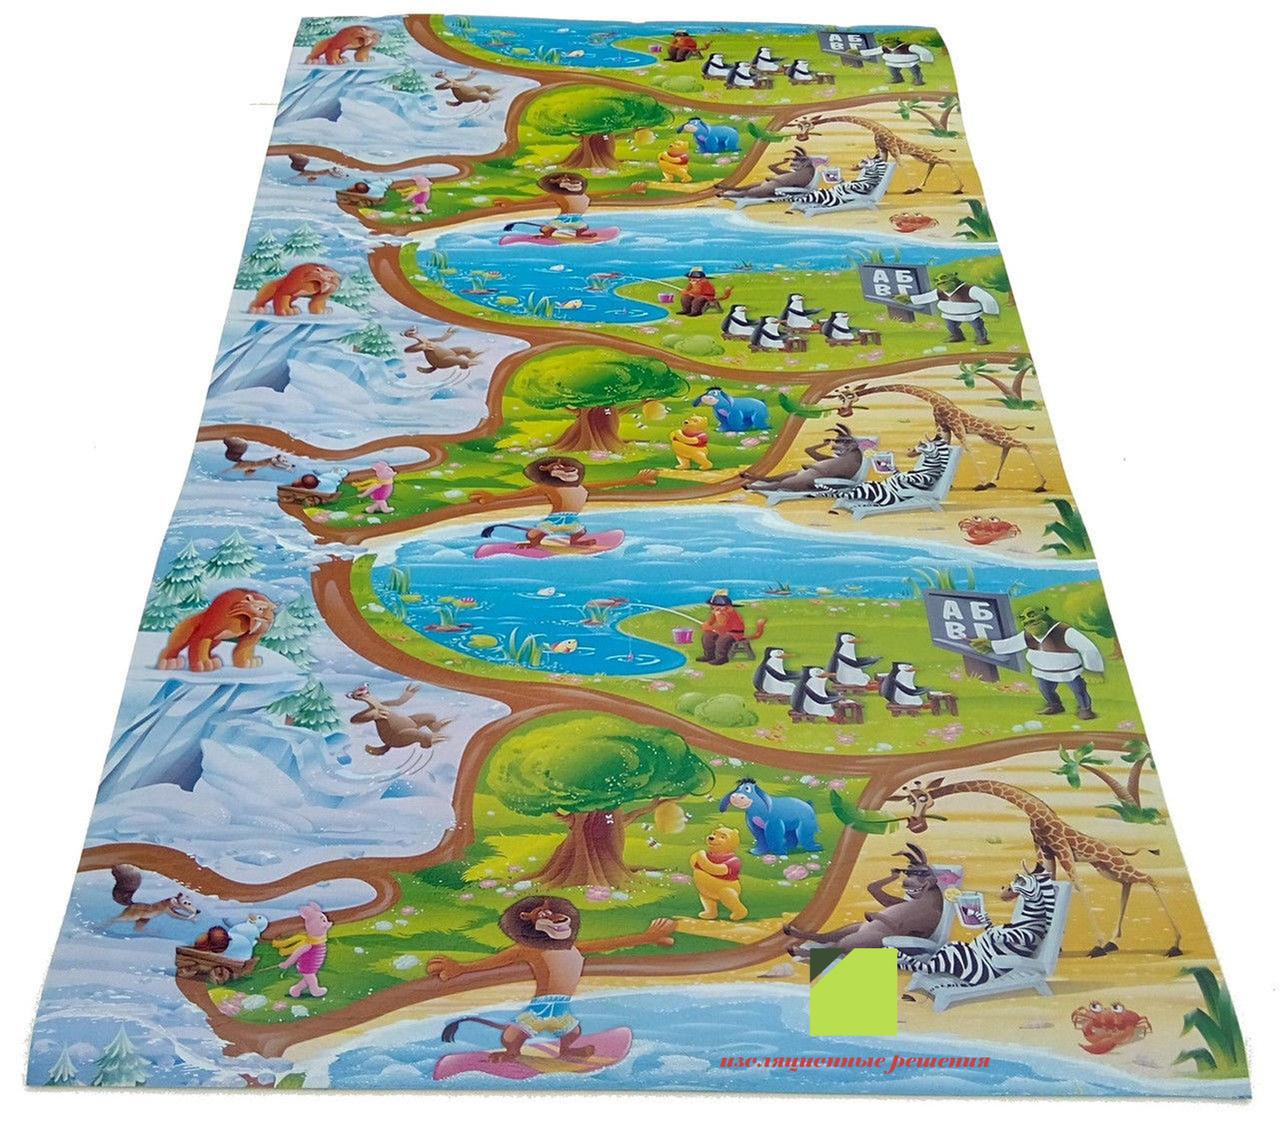 Детский игровой коврик Мадагаскар  2.5 м на 1,2 м 8 мм толщиной